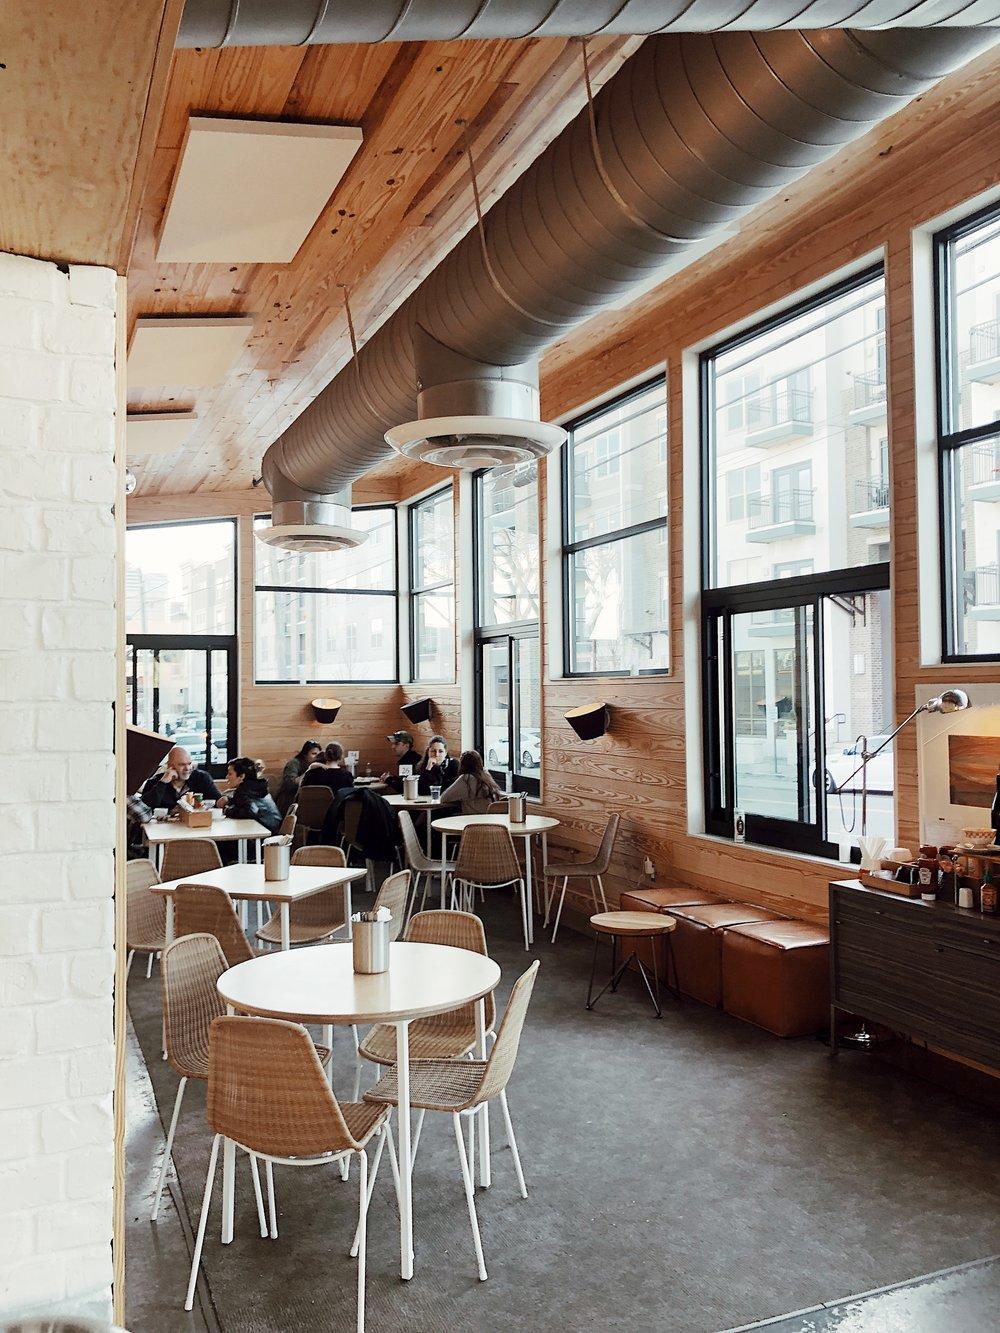 Lulu-nashville-tennessee-where-to-eat-germantown-healthy-vegan-coffee.jpg